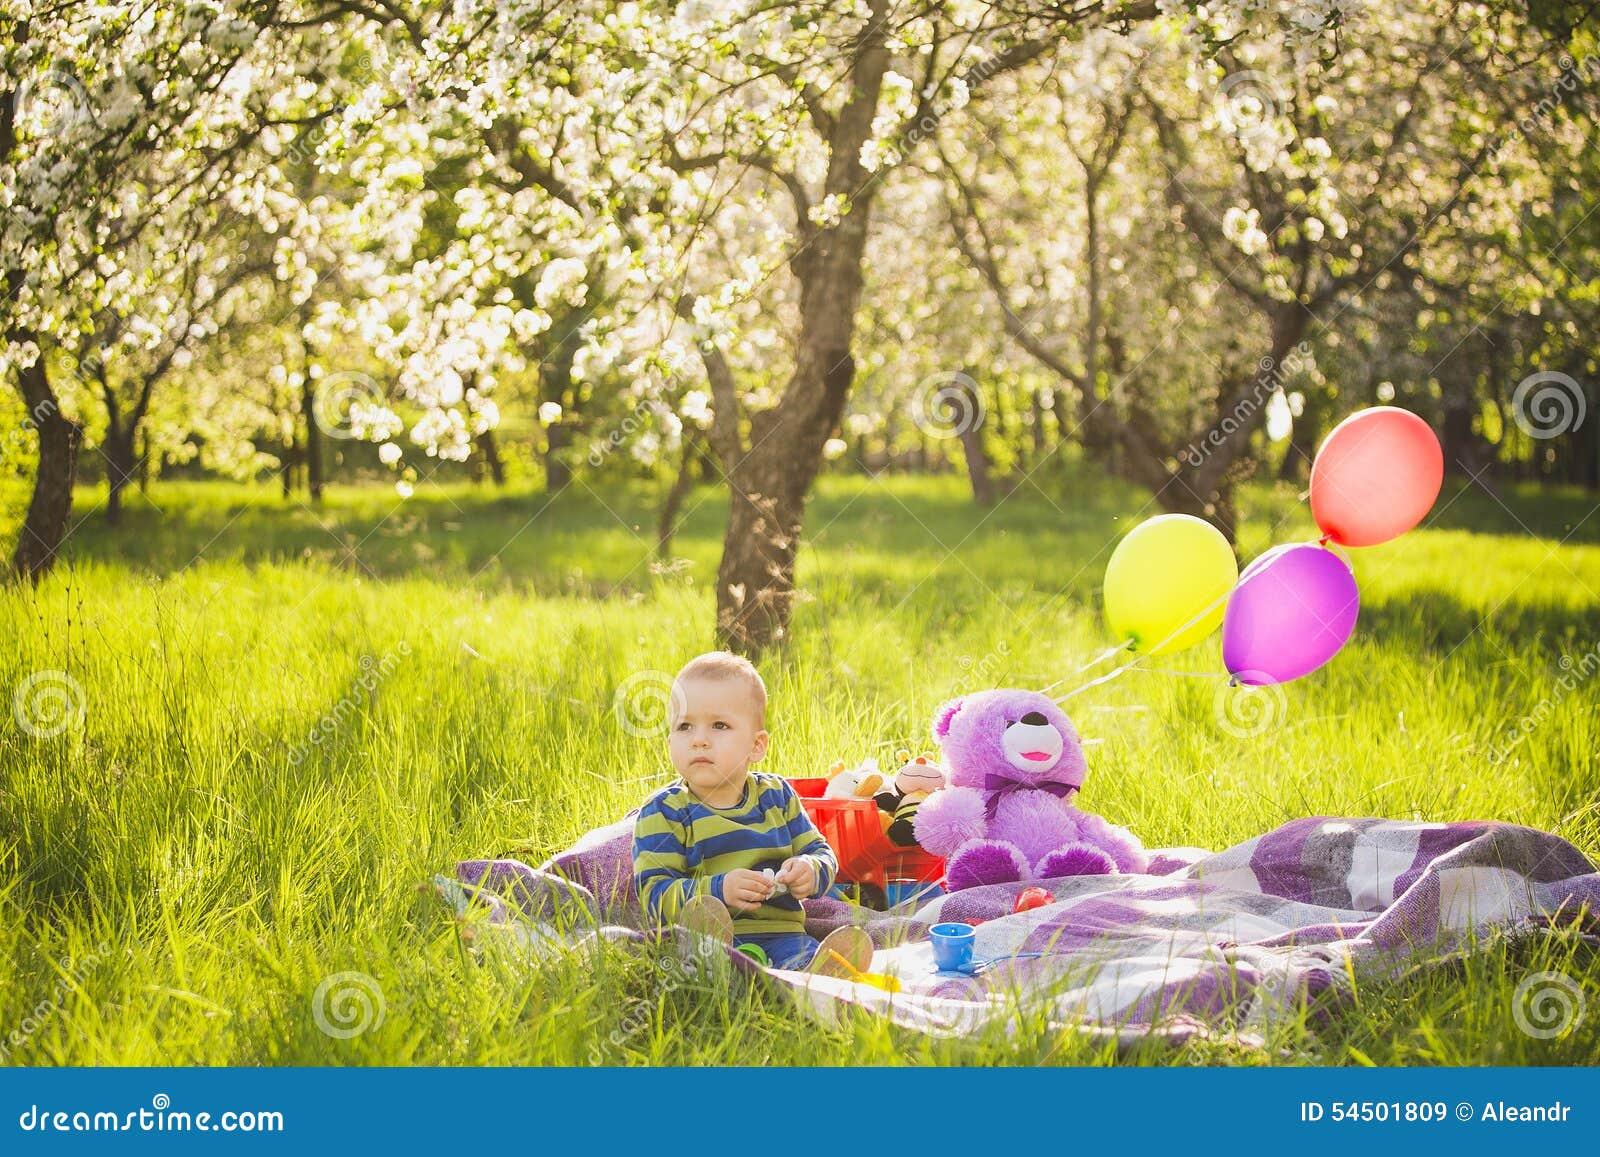 Pique-nique de famille enfant s asseyant parmi des jouets